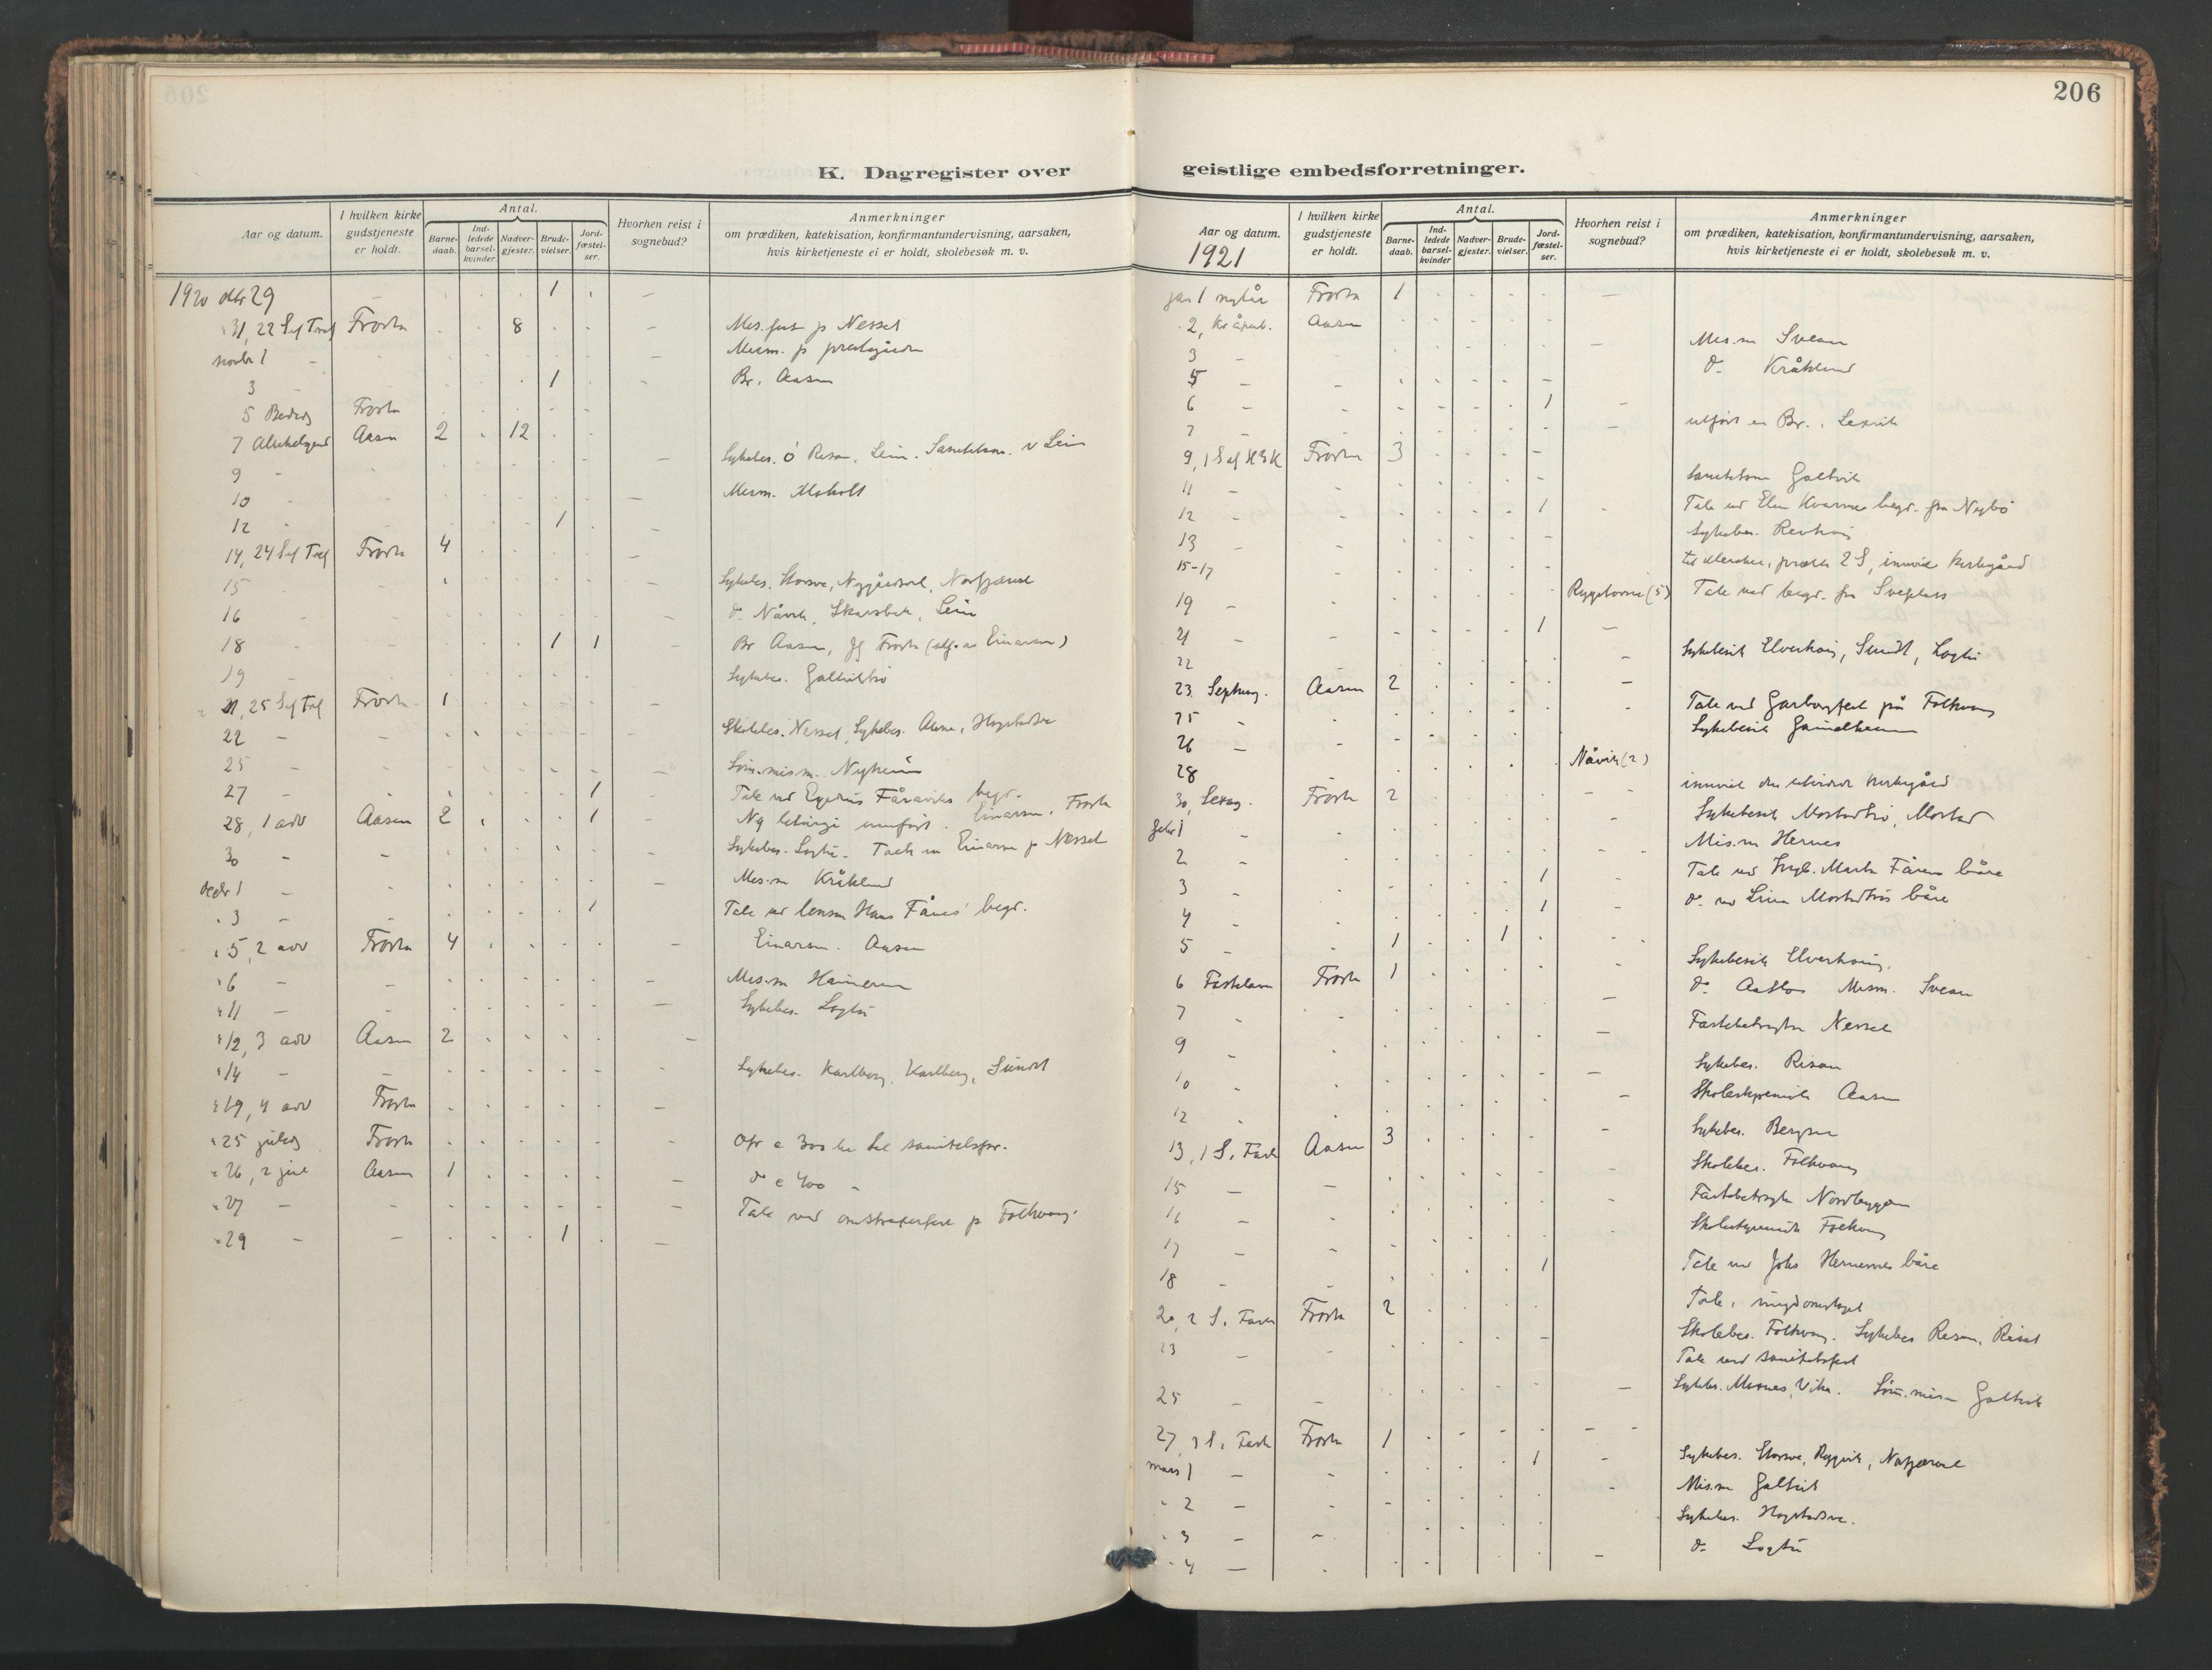 SAT, Ministerialprotokoller, klokkerbøker og fødselsregistre - Nord-Trøndelag, 713/L0123: Ministerialbok nr. 713A12, 1911-1925, s. 206